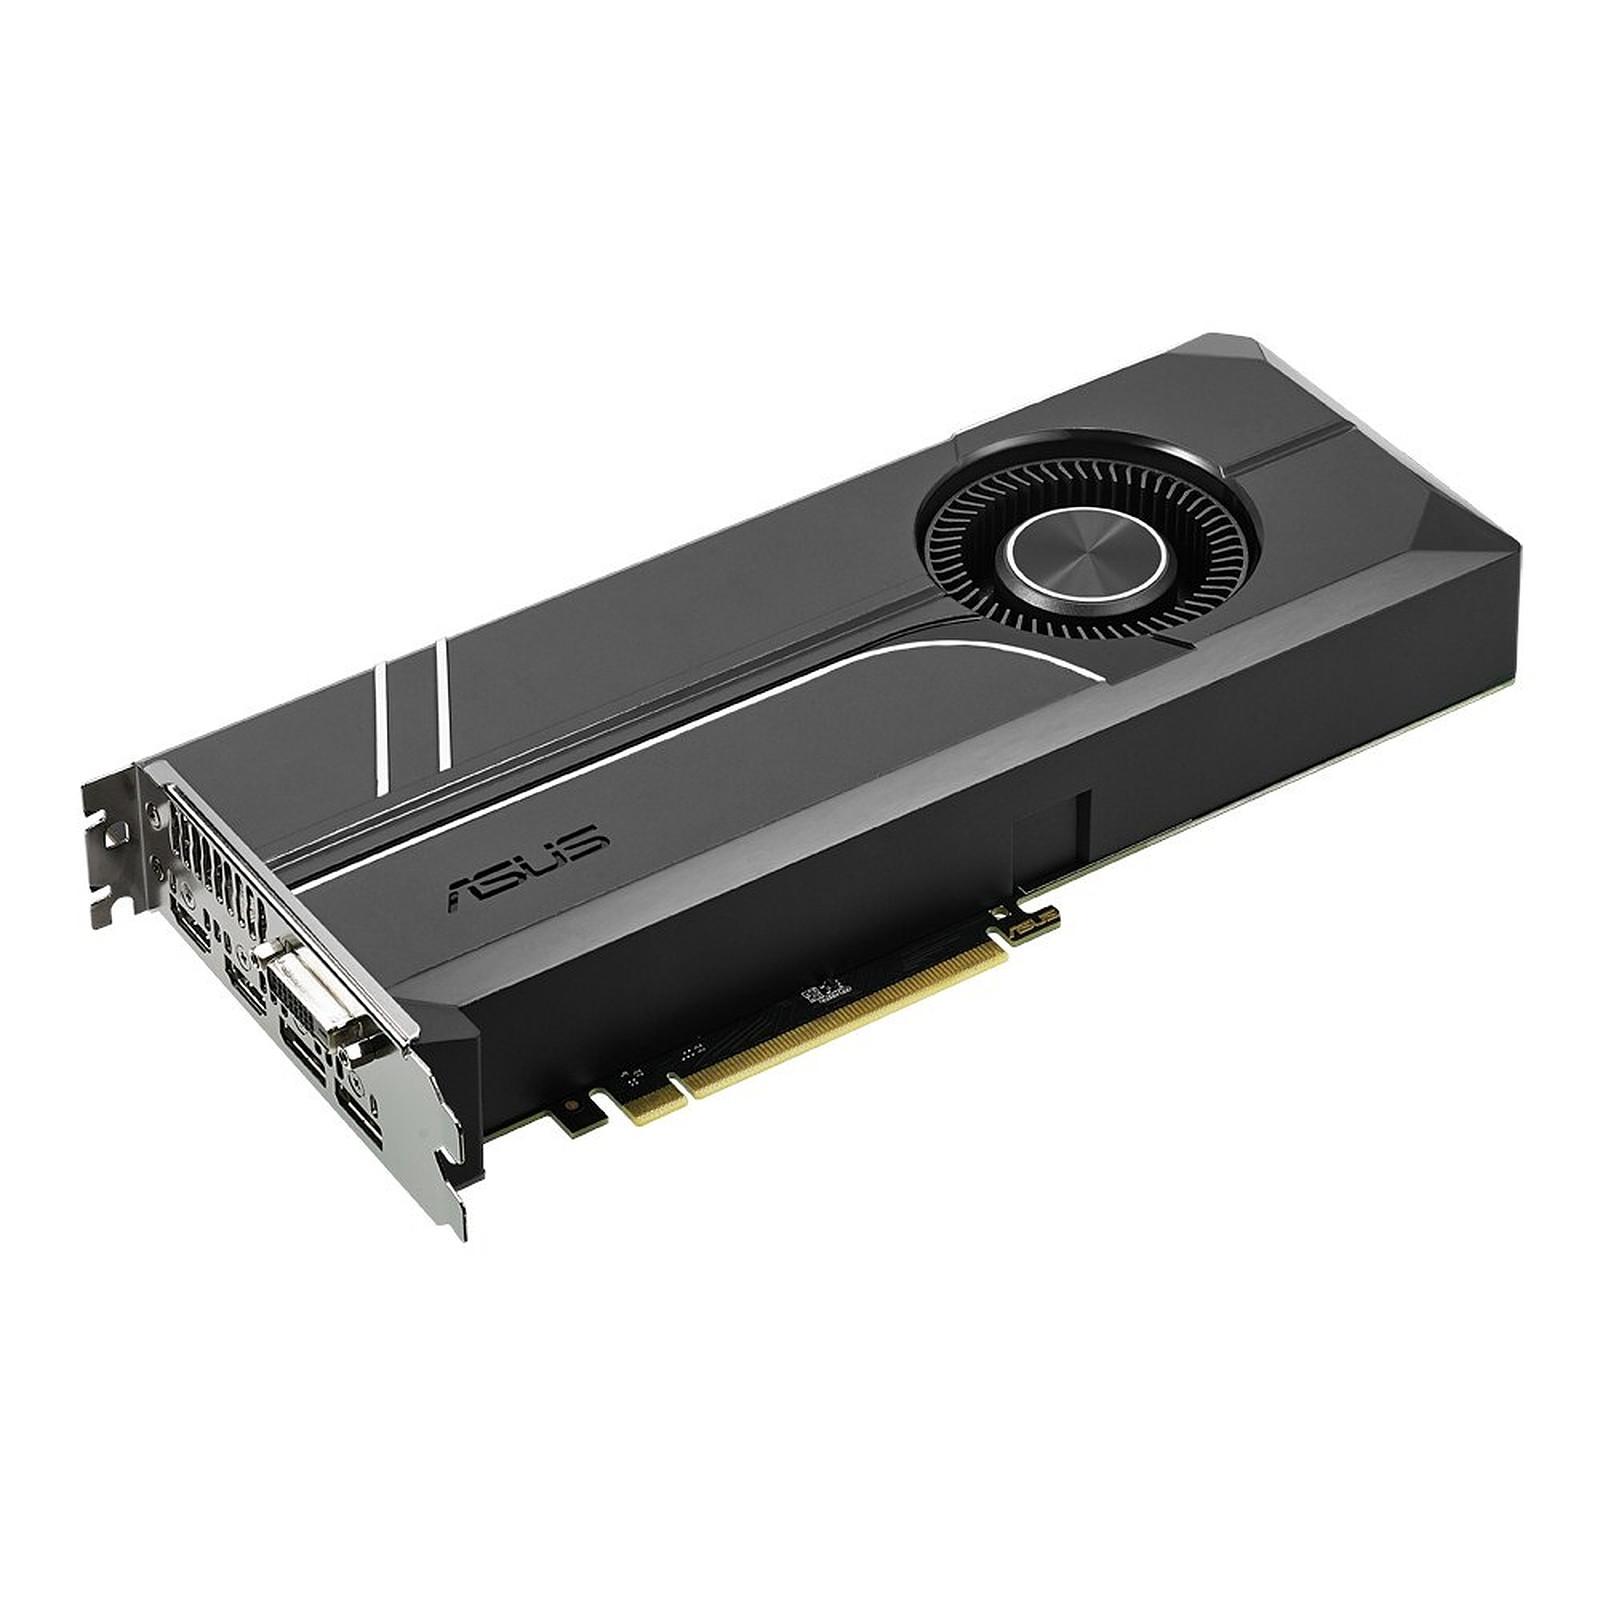 ASUS GeForce GTX 1070 - TURBO-GTX1070-8G Lite